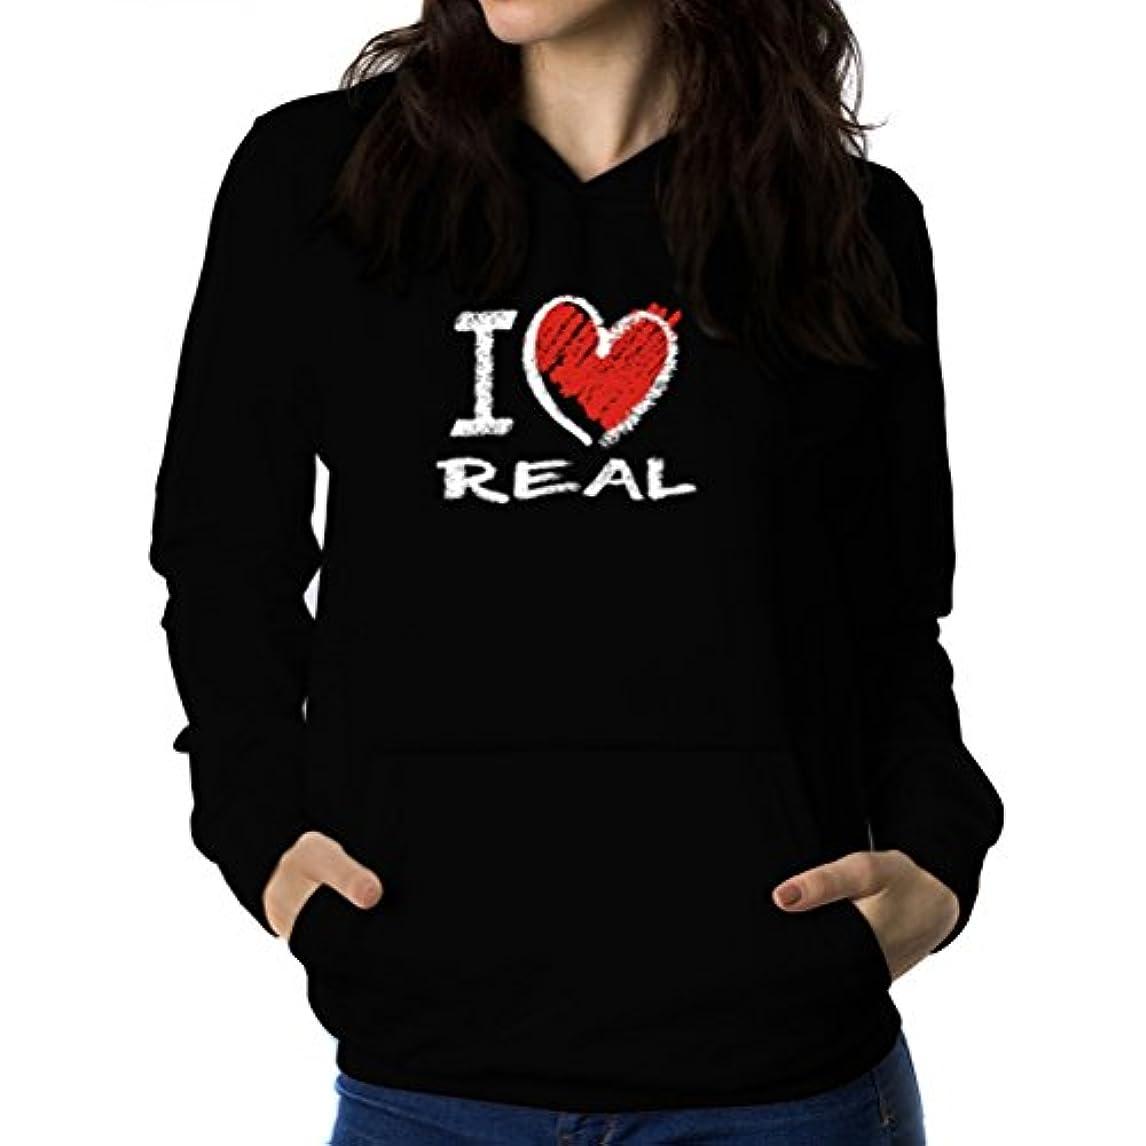 ビジターアテンダント発揮するI love real chalk style 女性 フーディー